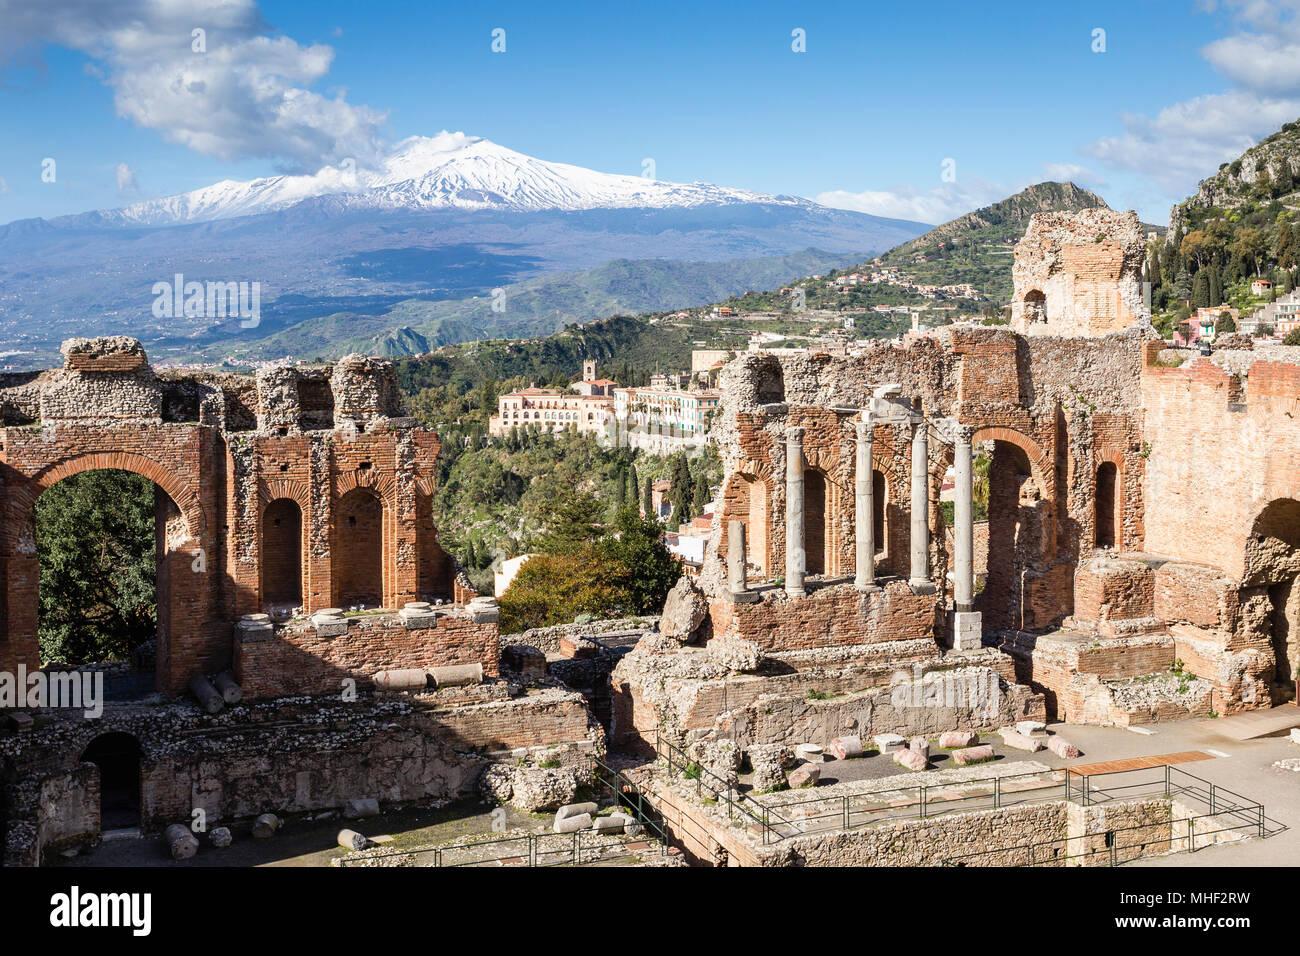 Ancien théâtre gréco-romain de Taormina, avec la ville et l'Etna, en Sicile. Photo Stock